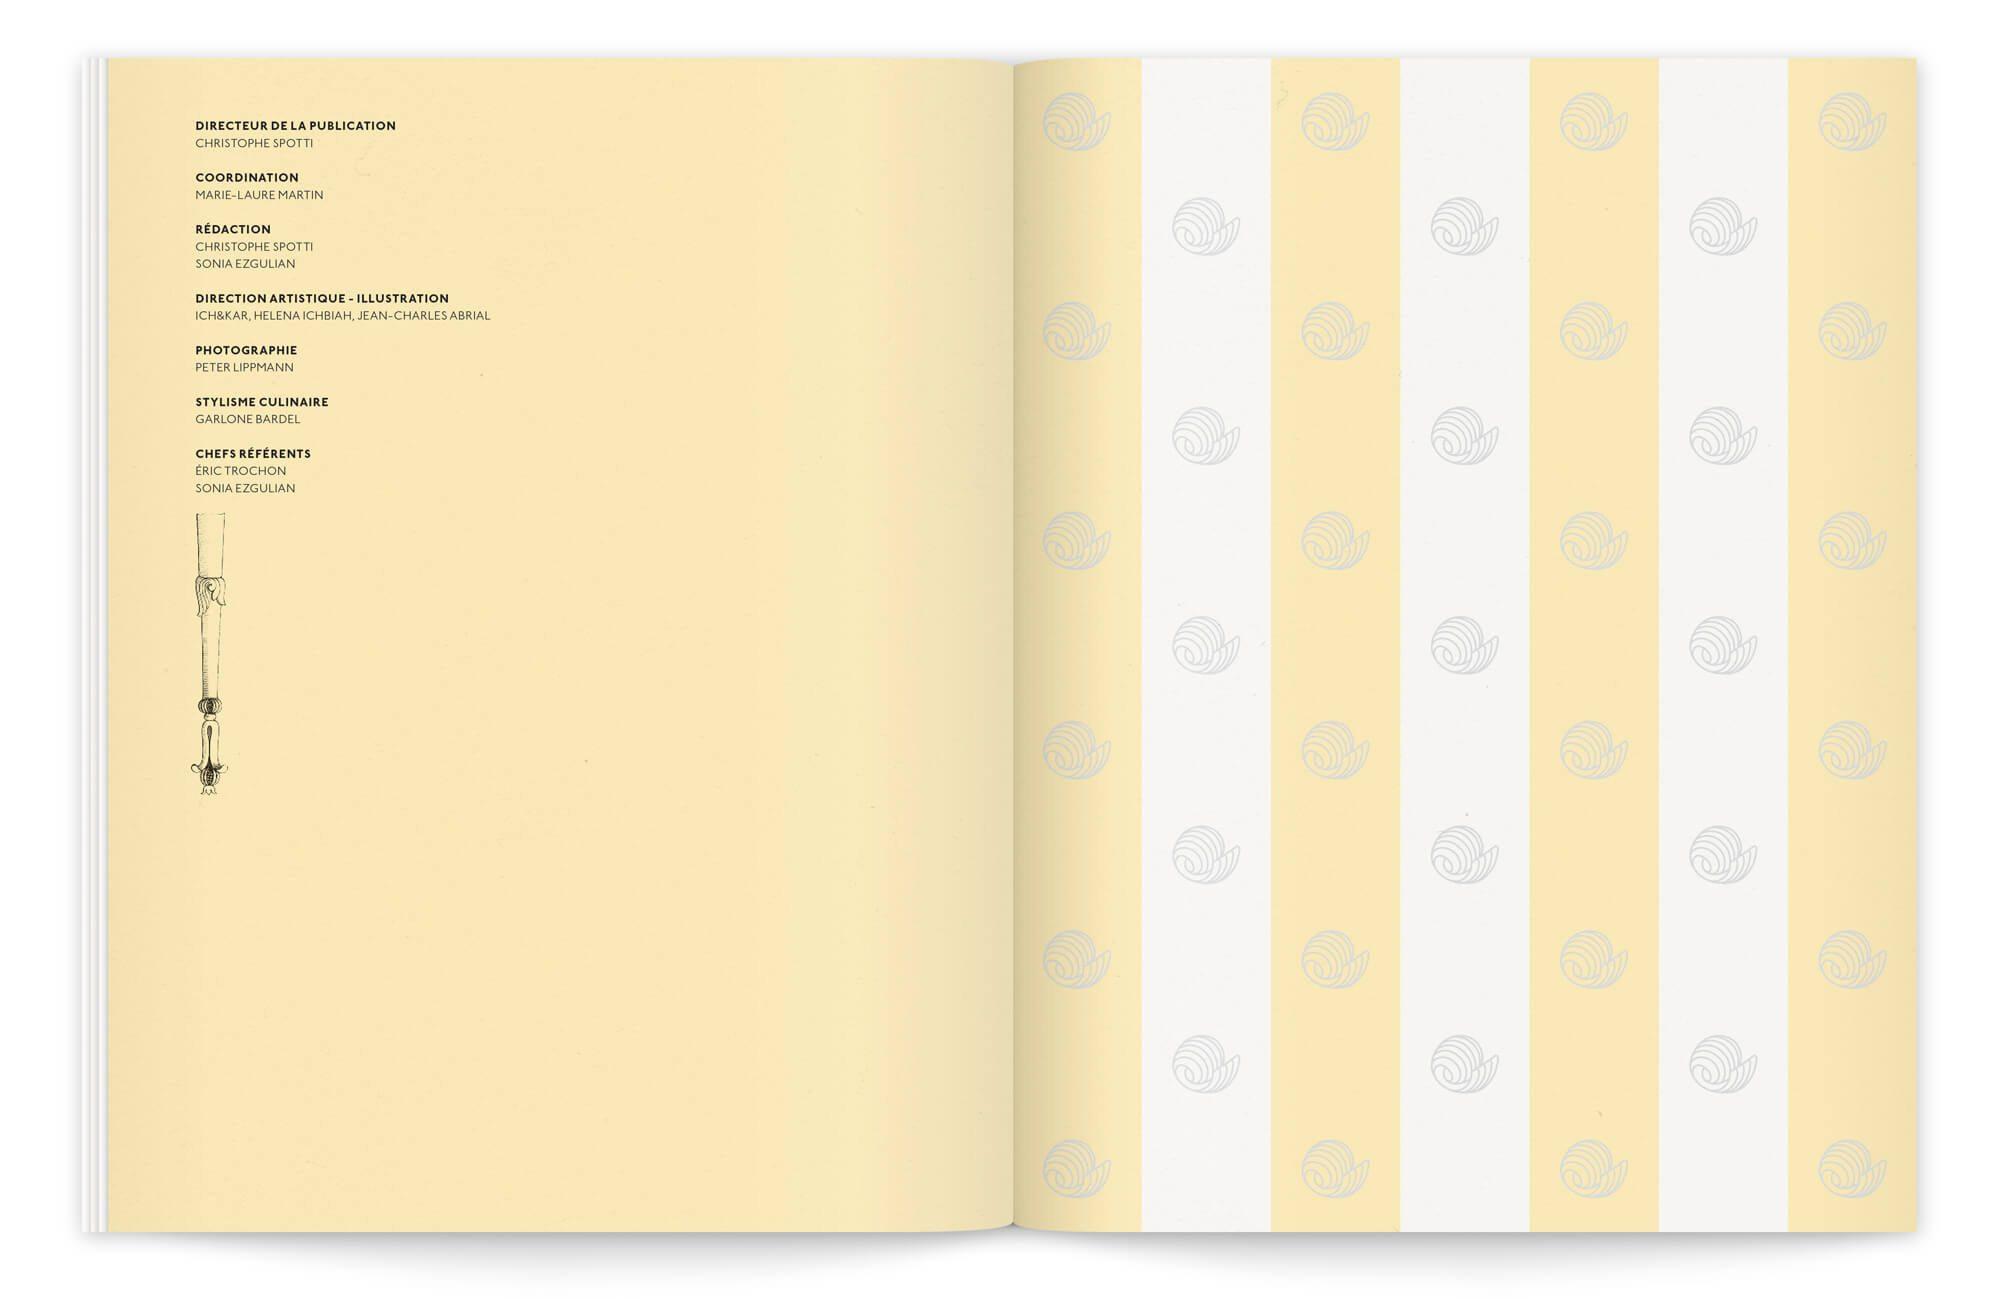 brochure classique et contemporaine, une page de garde rayée jaune pâle et décorée de motif de beurre, fait face à l'ours qui cite les personnes ayant pris part a cette brochure dessinée par Ich&Kar